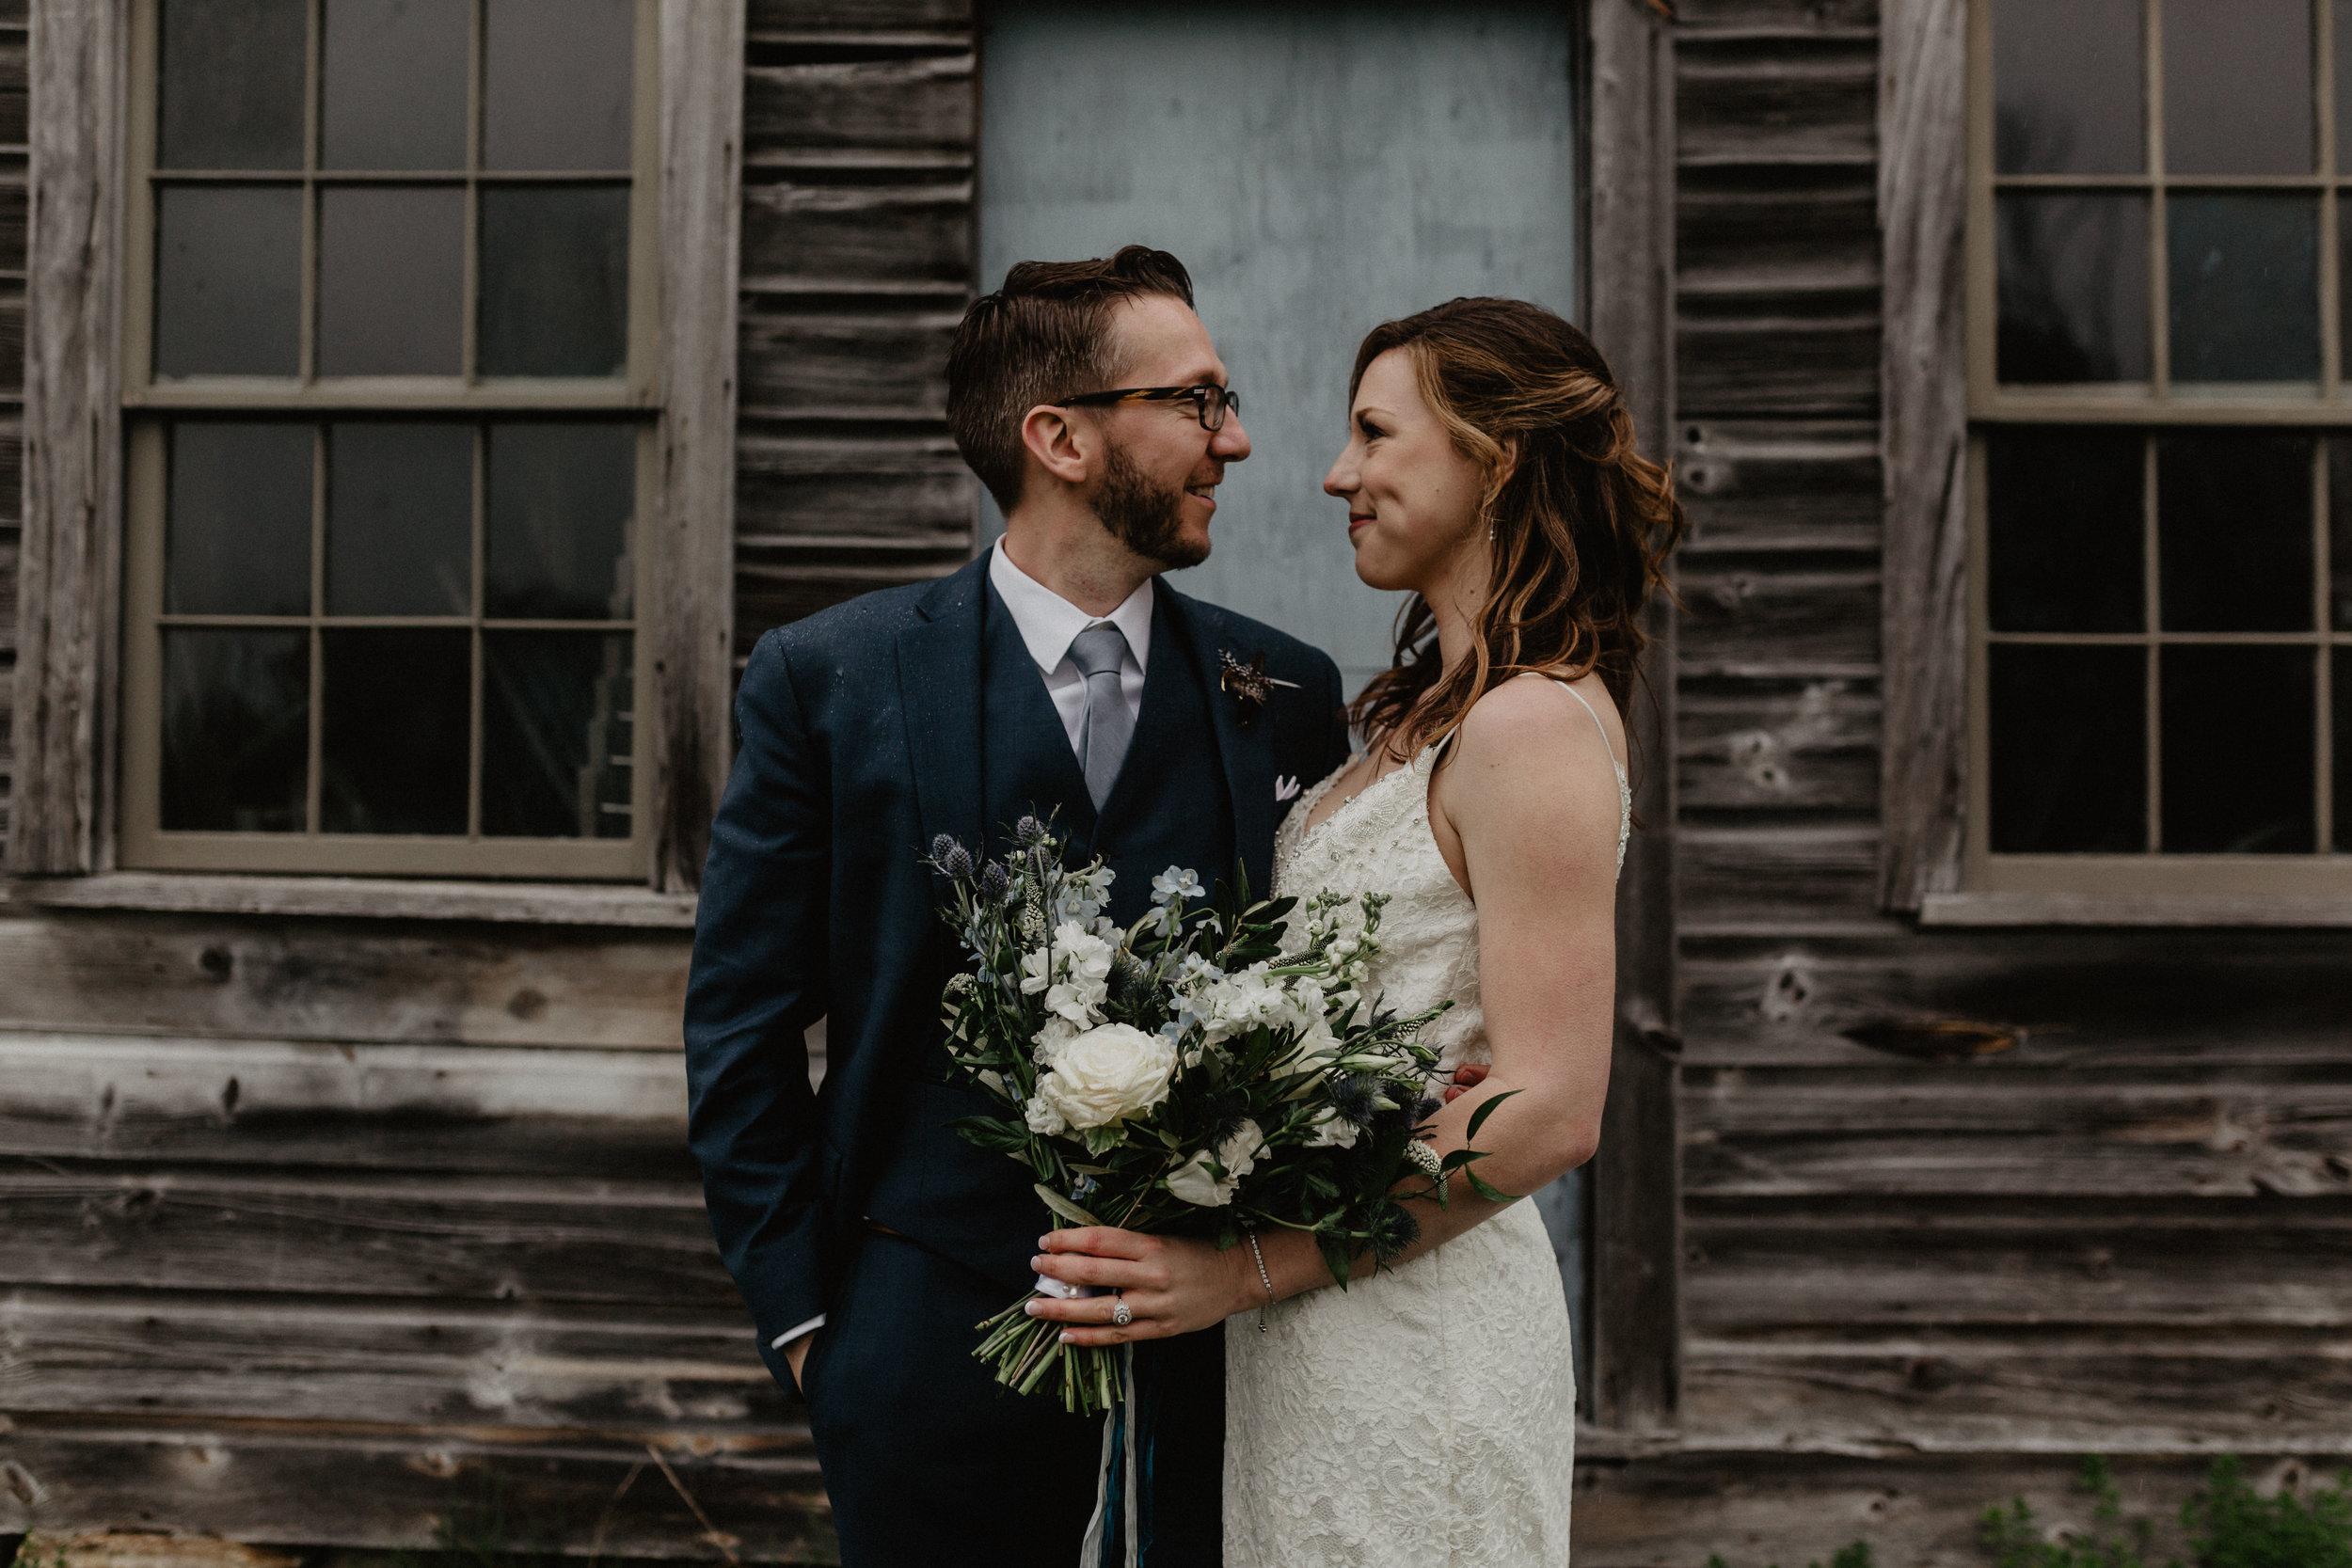 gedney_farm_wedding_064.jpg